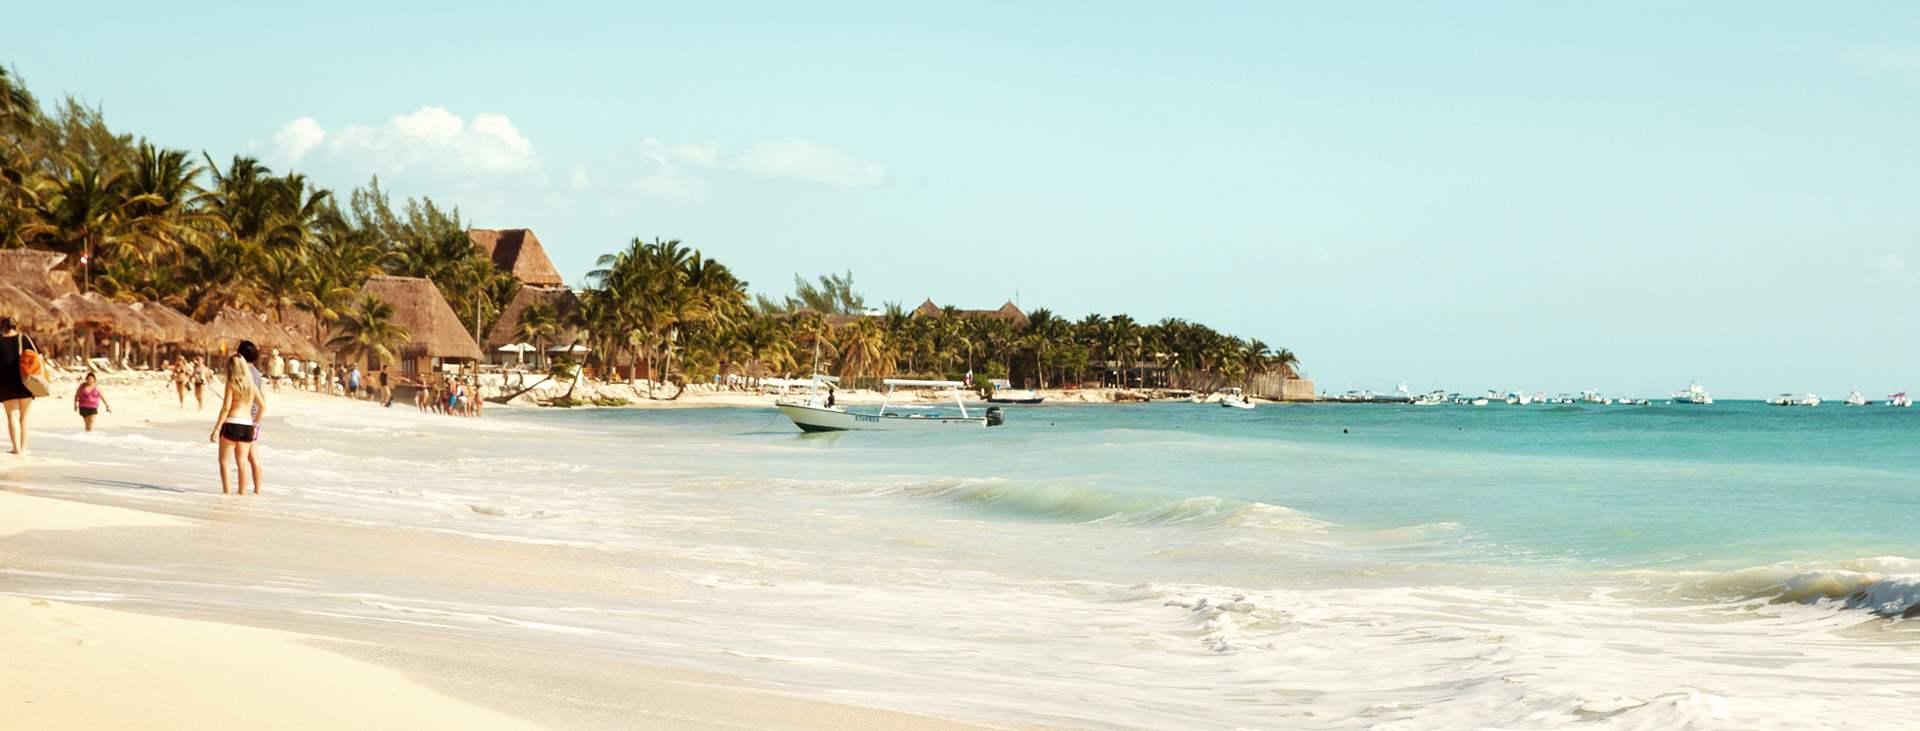 Bestill en reise med Ving til Playa del Carmen i Mexico